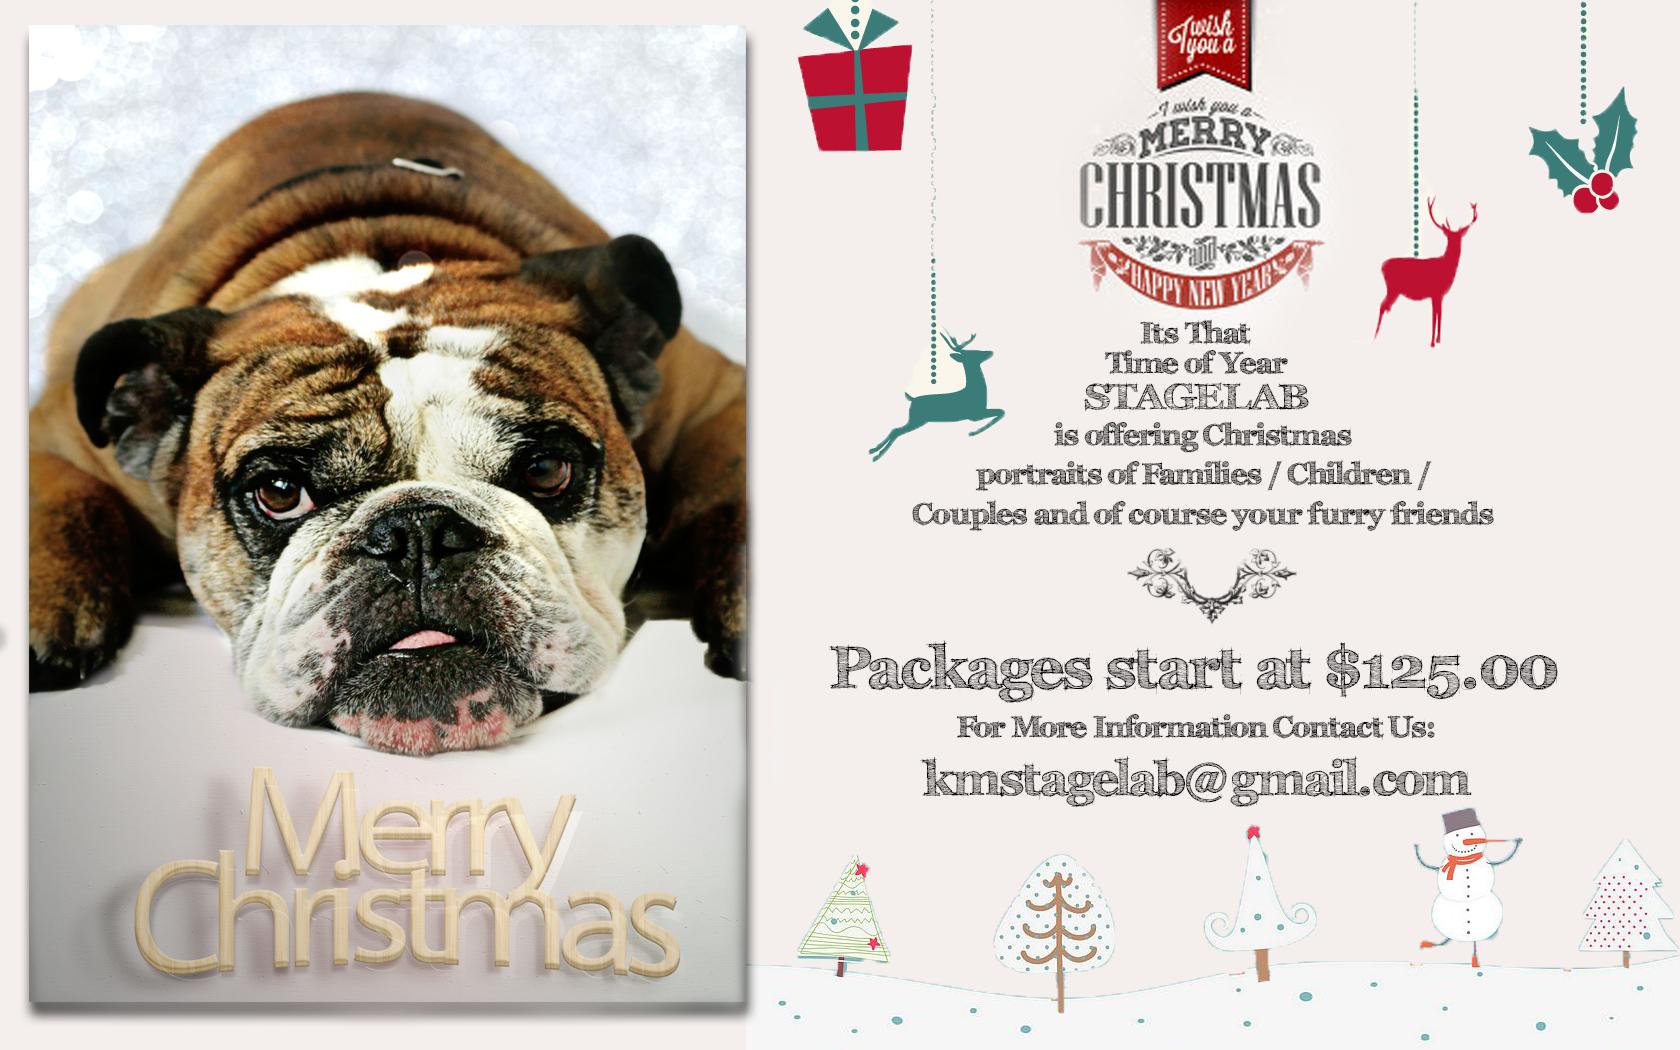 Christmas Card Promo